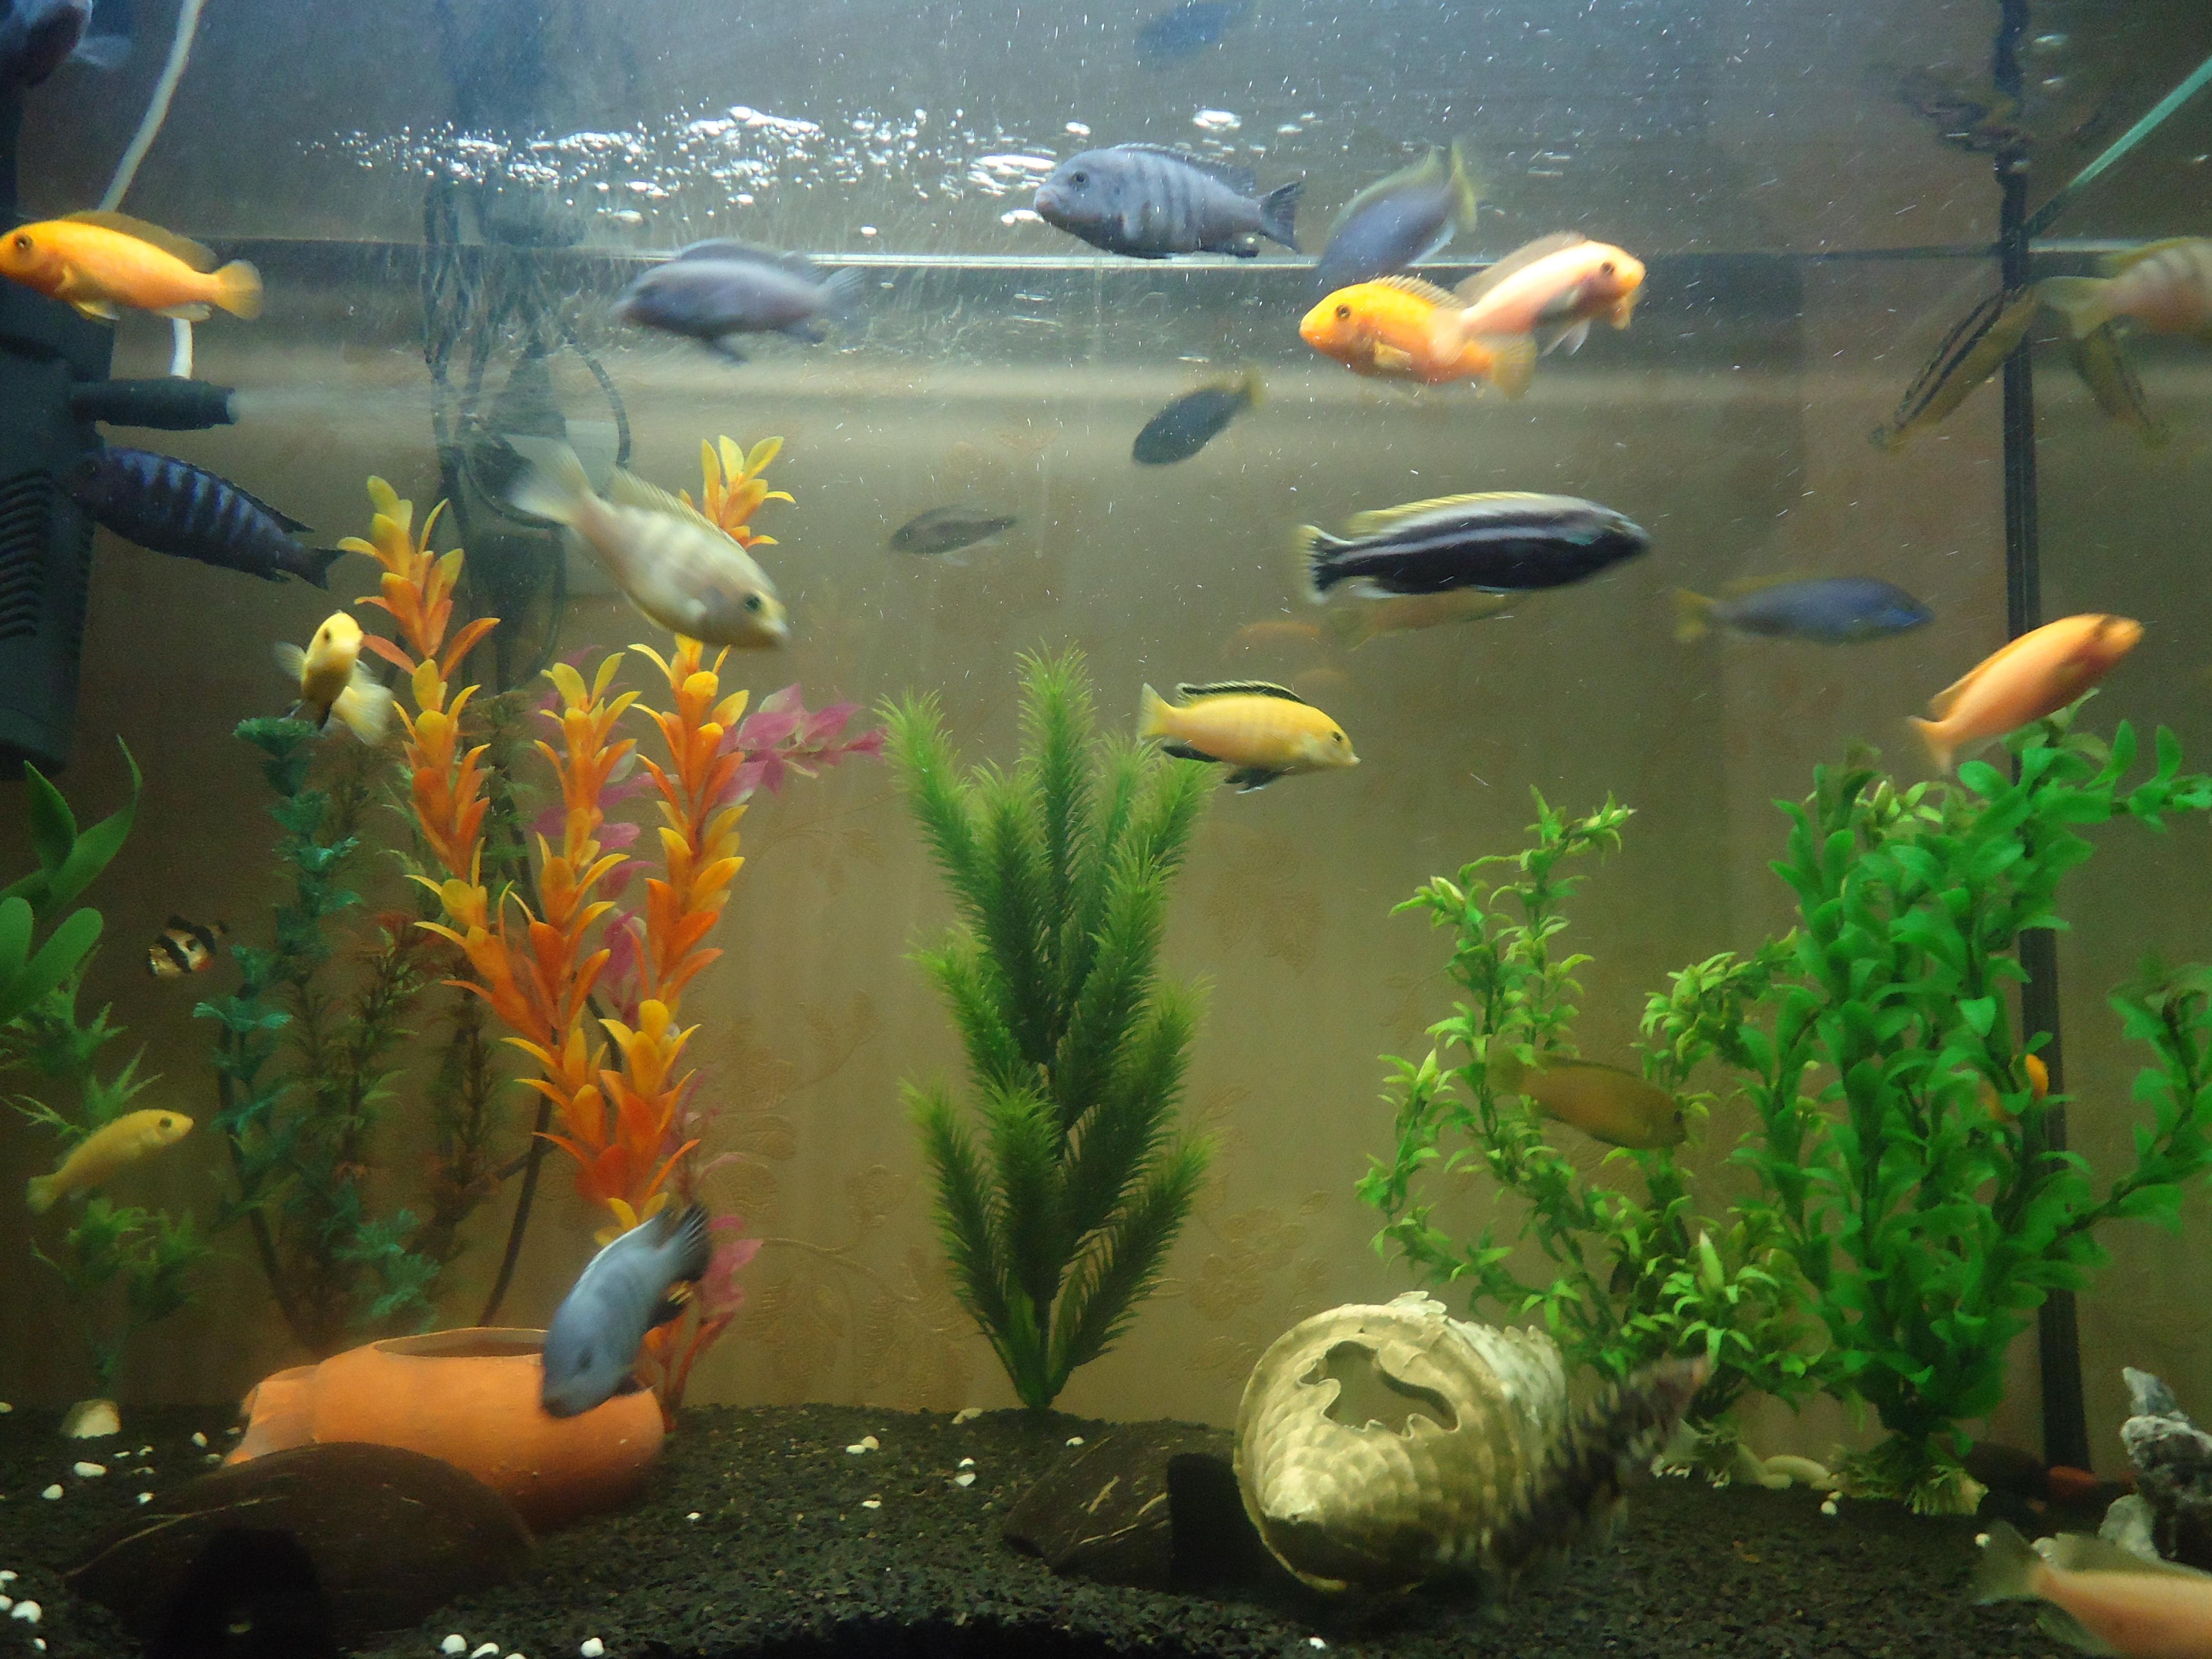 18152 Заставки и Обои Рыбы на телефон. Скачать Рыбы, Животные картинки бесплатно